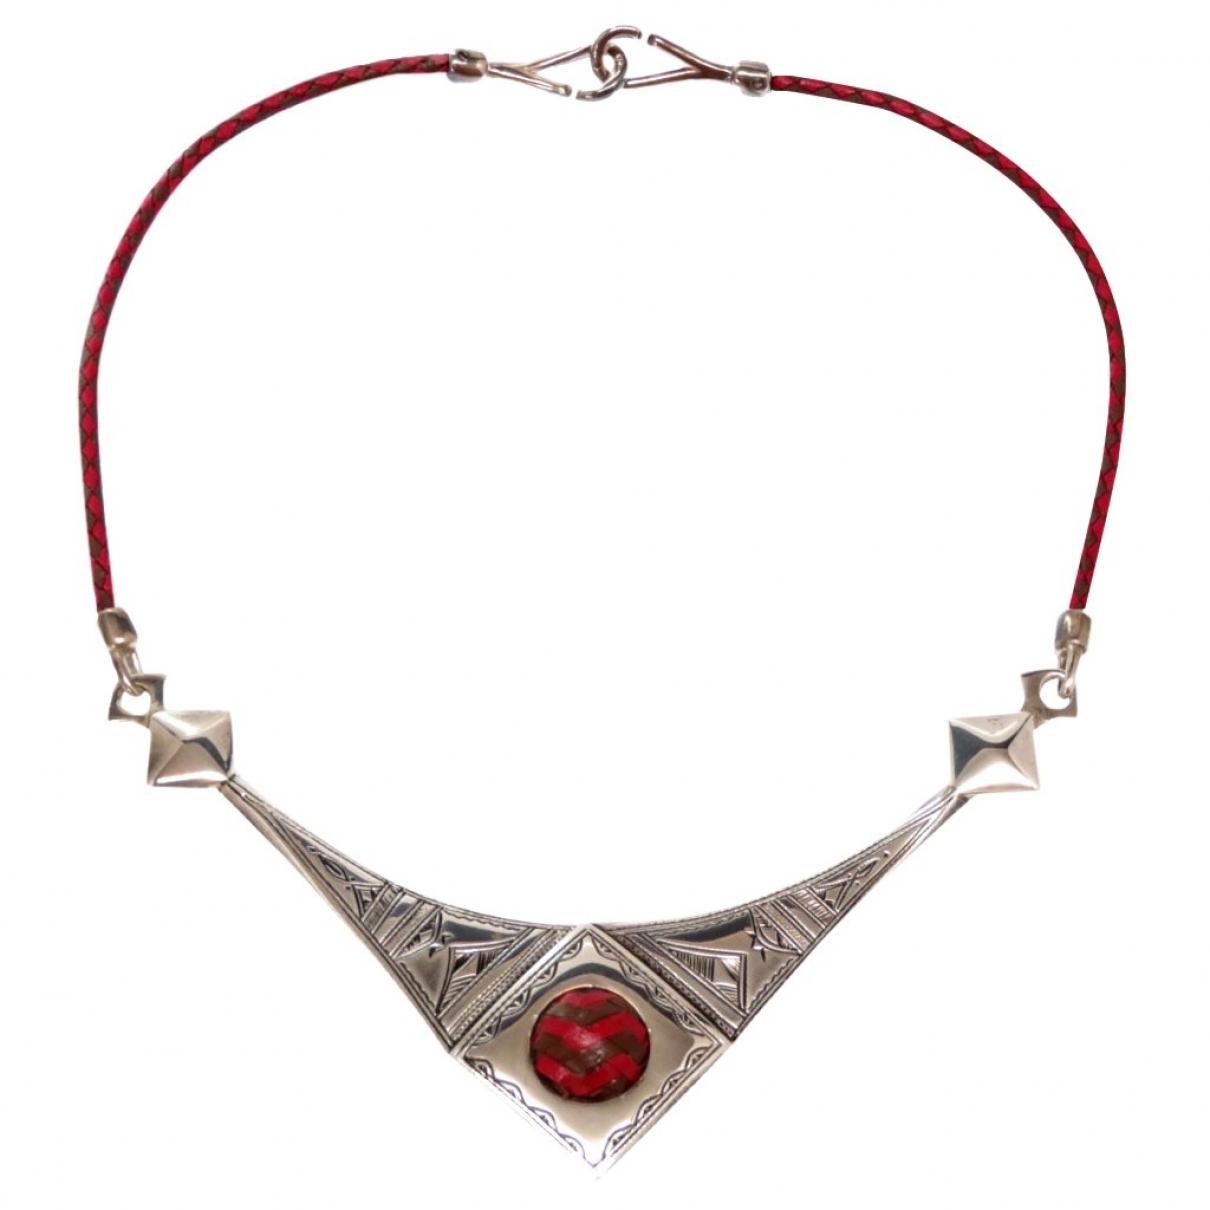 Hermes \N Kette in  Rot Silber